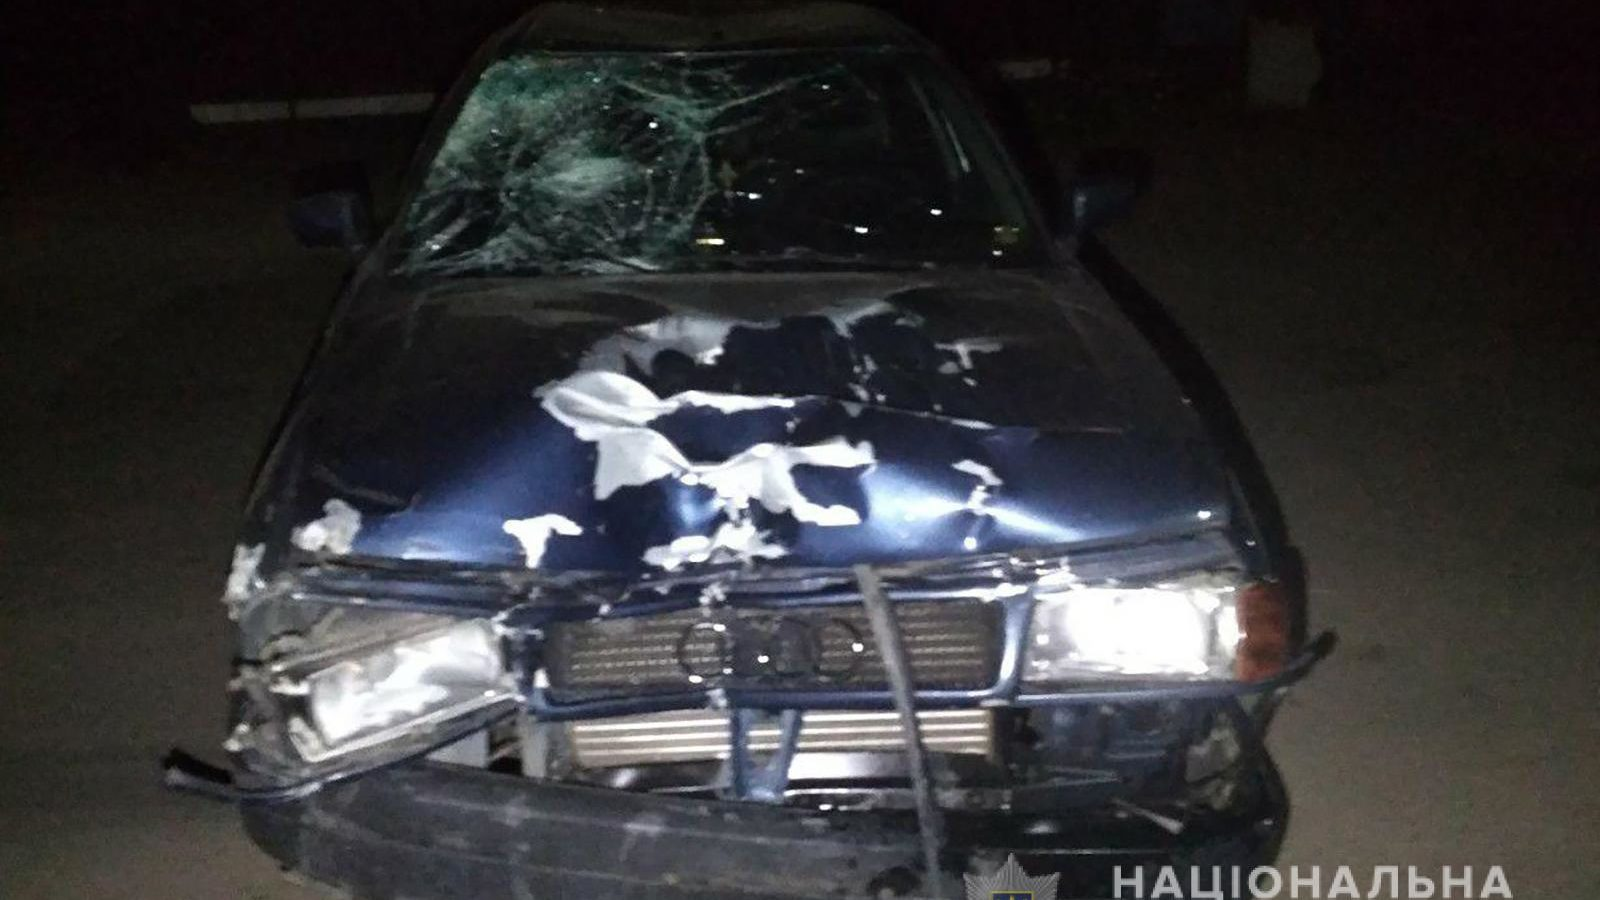 У Запорізькій області п'яний молодик на Audi насмерть збив двох велосипедистів - ФОТО